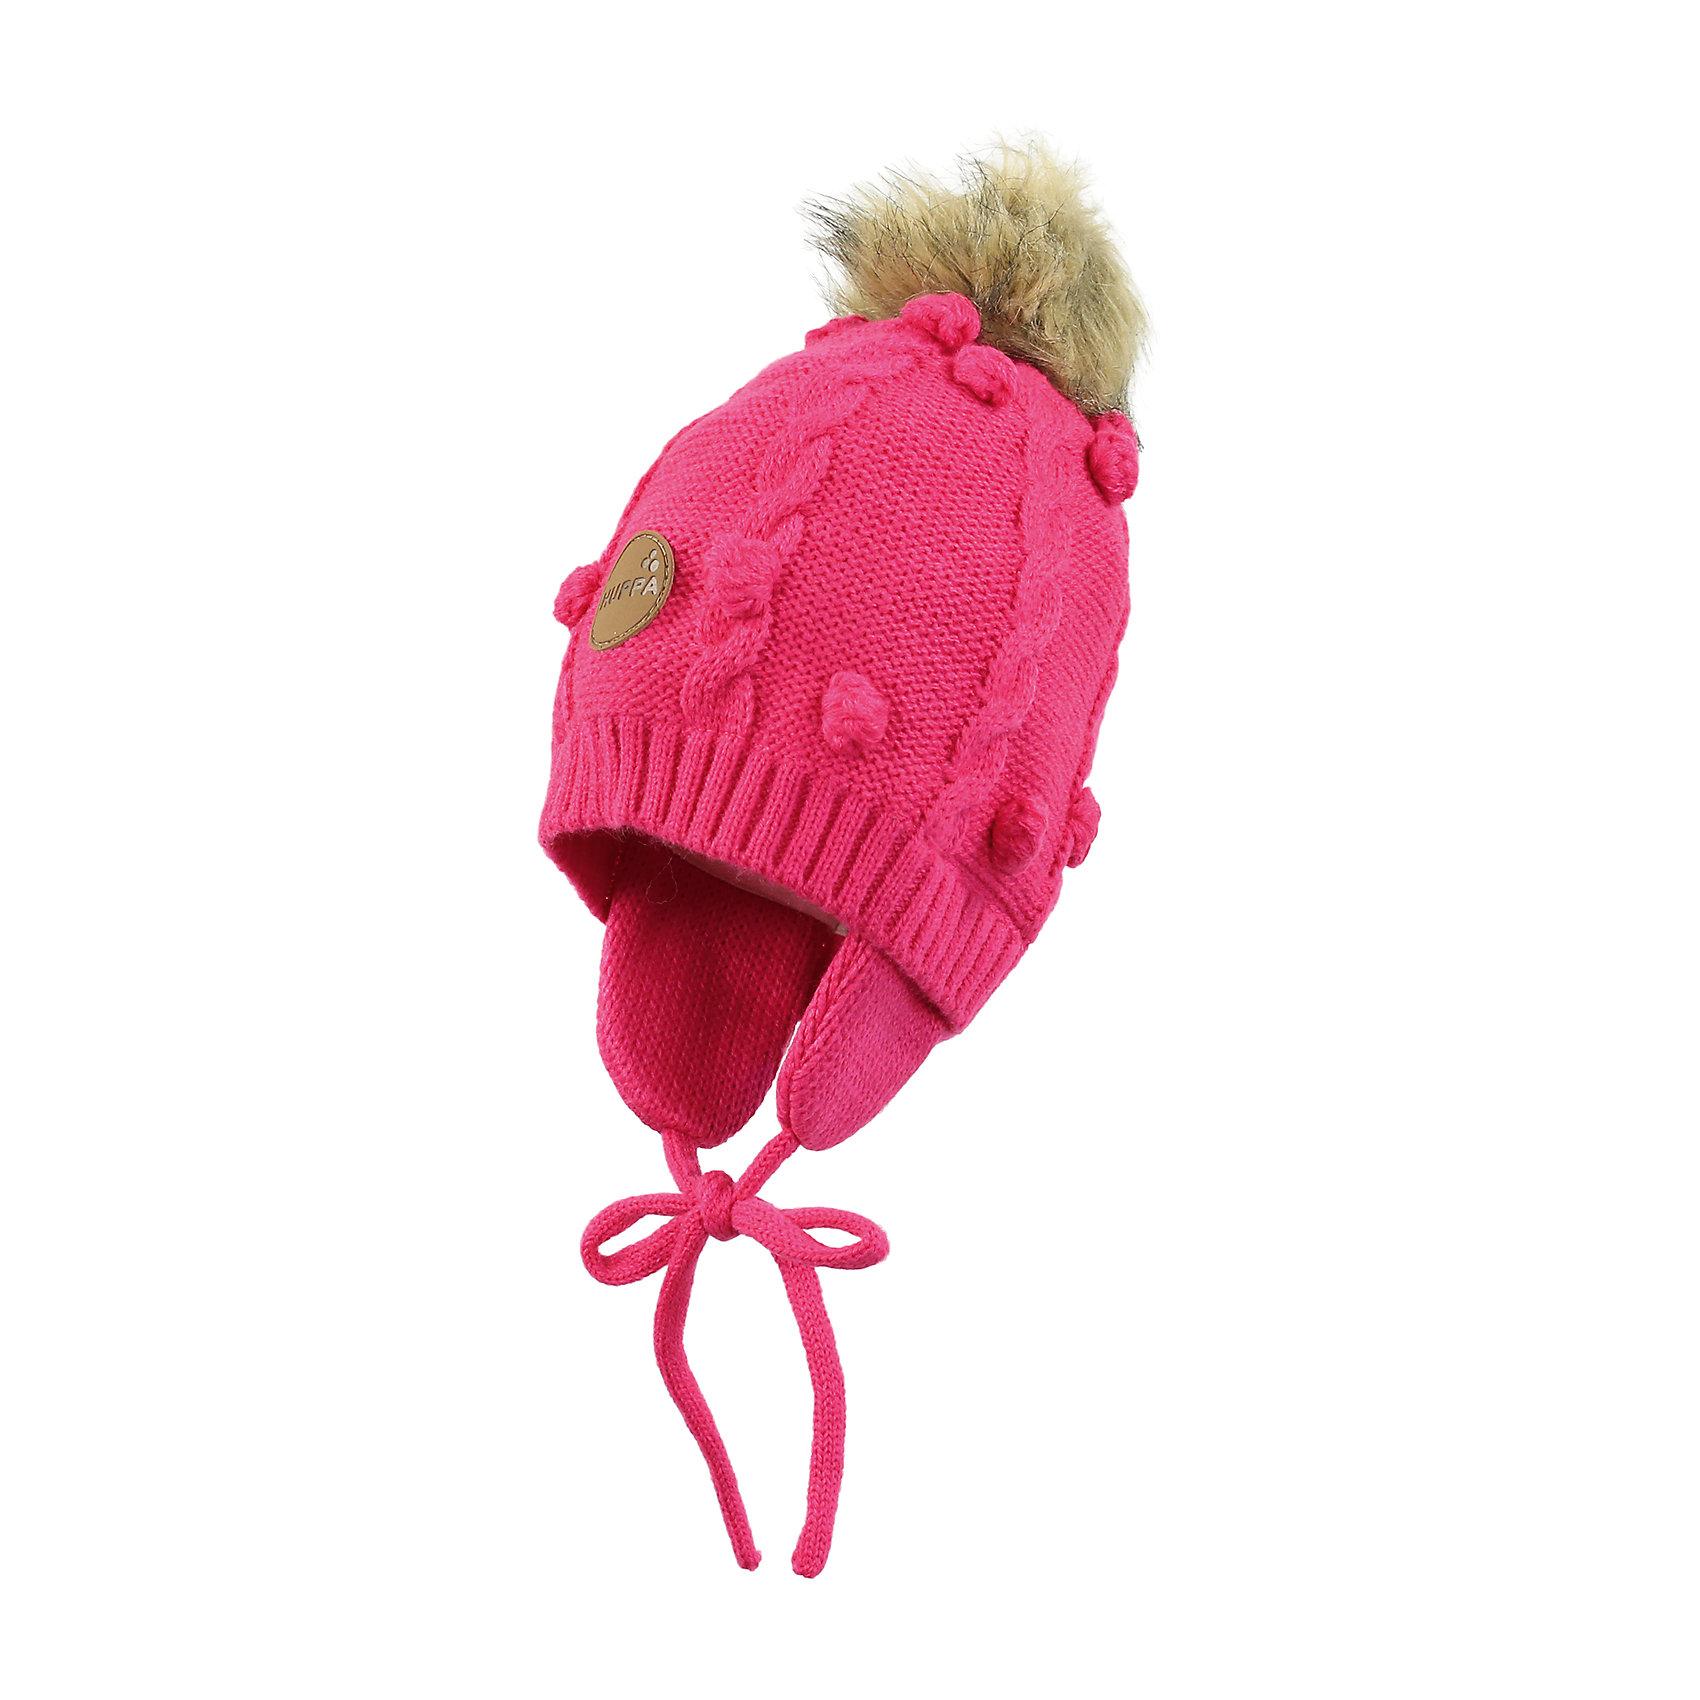 Шапка для девочки HuppaЗимняя вязаная шапка с косичками для малышей. Подкладка из приятного хлопкового трикотажа и наружная часть из акриловой пряжи. Для удобства ношения у шапки есть ленты и защищающие уши от холода маленькие клапаны. В качестве украшения добавлен модный меховой помпон. <br><br>Шапку для девочки Huppa (Хуппа) можно купить в нашем магазине.<br><br>Ширина мм: 89<br>Глубина мм: 117<br>Высота мм: 44<br>Вес г: 155<br>Цвет: розовый<br>Возраст от месяцев: 9<br>Возраст до месяцев: 12<br>Пол: Женский<br>Возраст: Детский<br>Размер: 43-45,47-49,51-53<br>SKU: 4242912